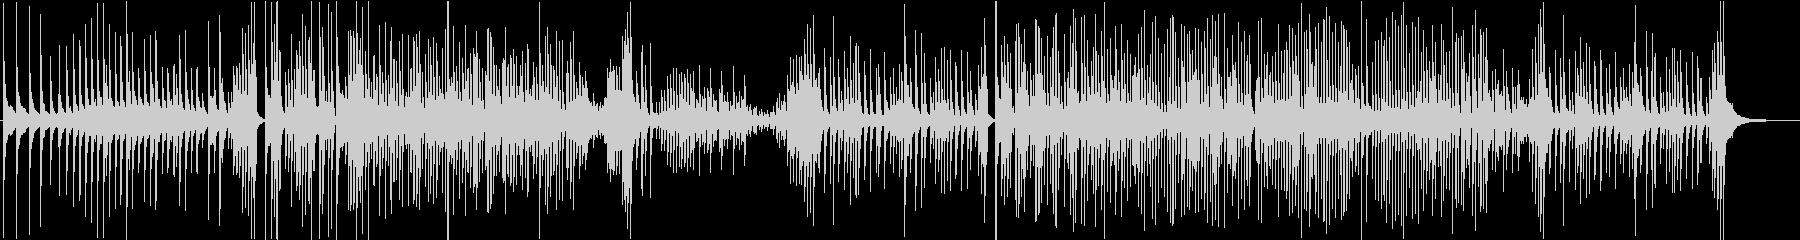 津軽三味線ソロ-C、激しい、疾走、声なしの未再生の波形